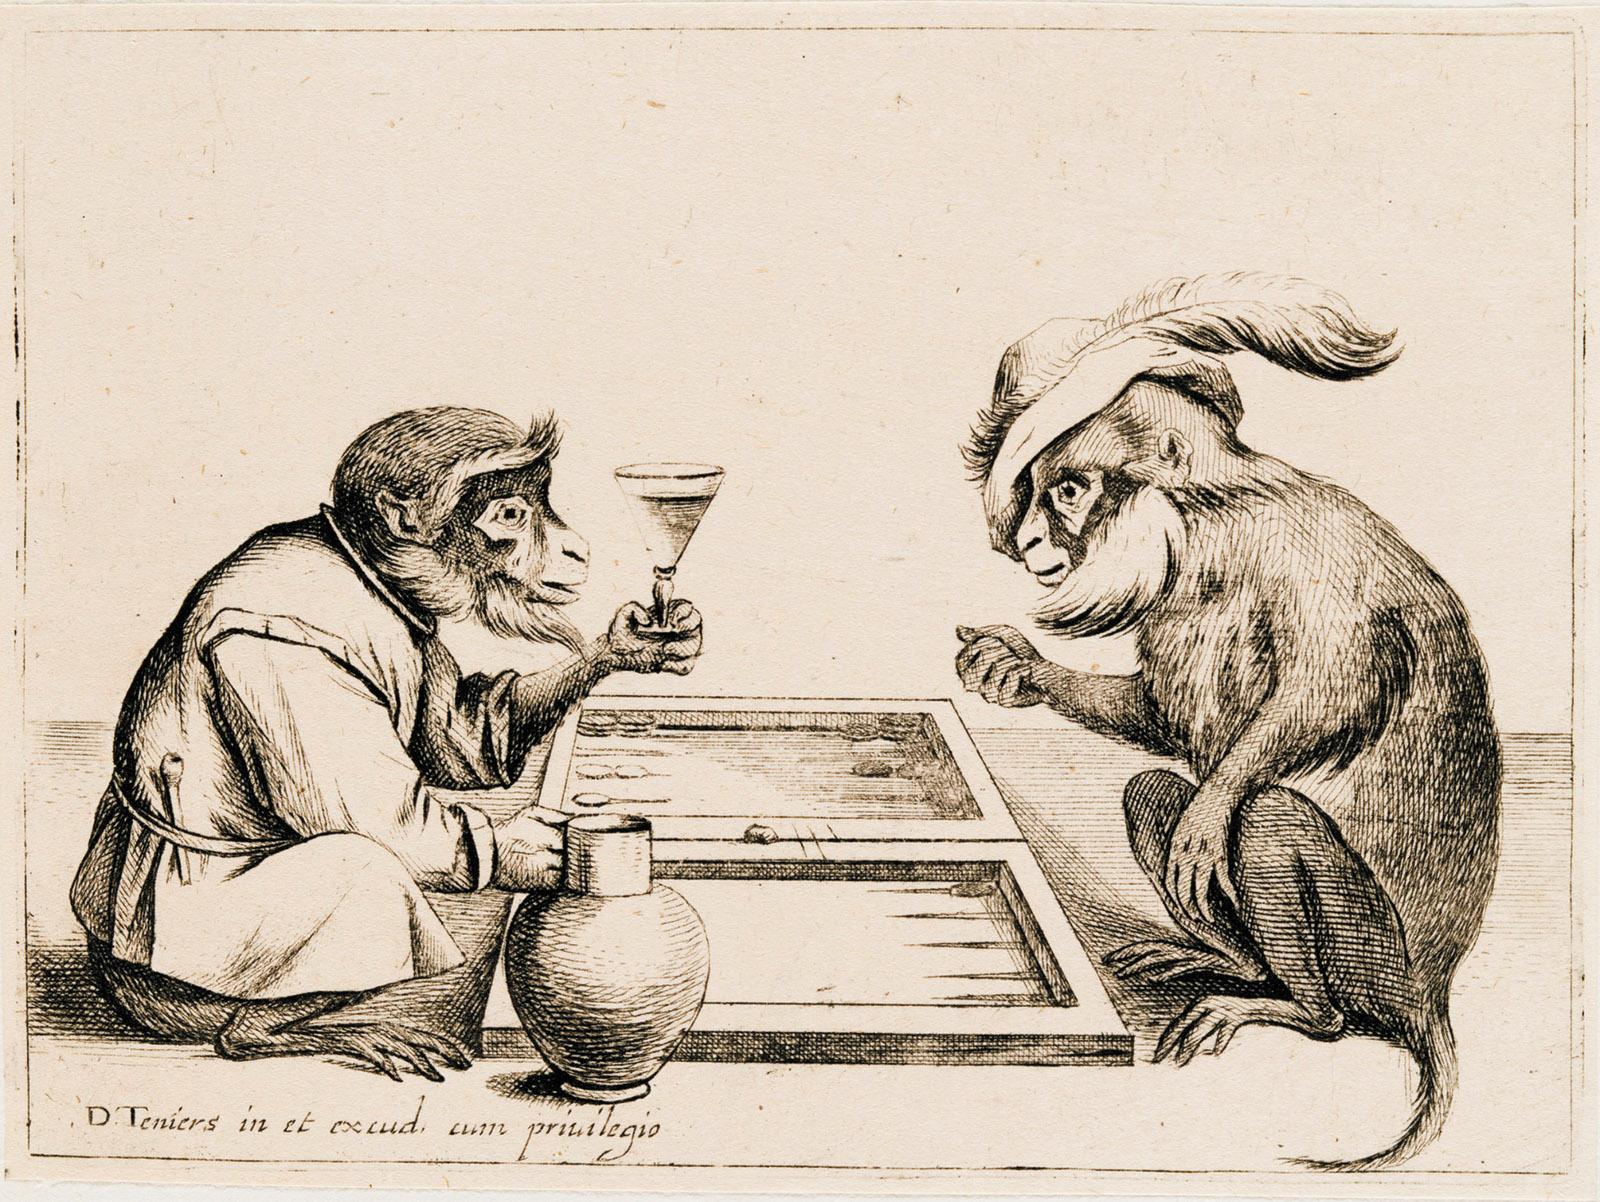 'Two Monkeys Playing Backgammon': drawing by Coryn Boel after David Teniers II, seventeenth century